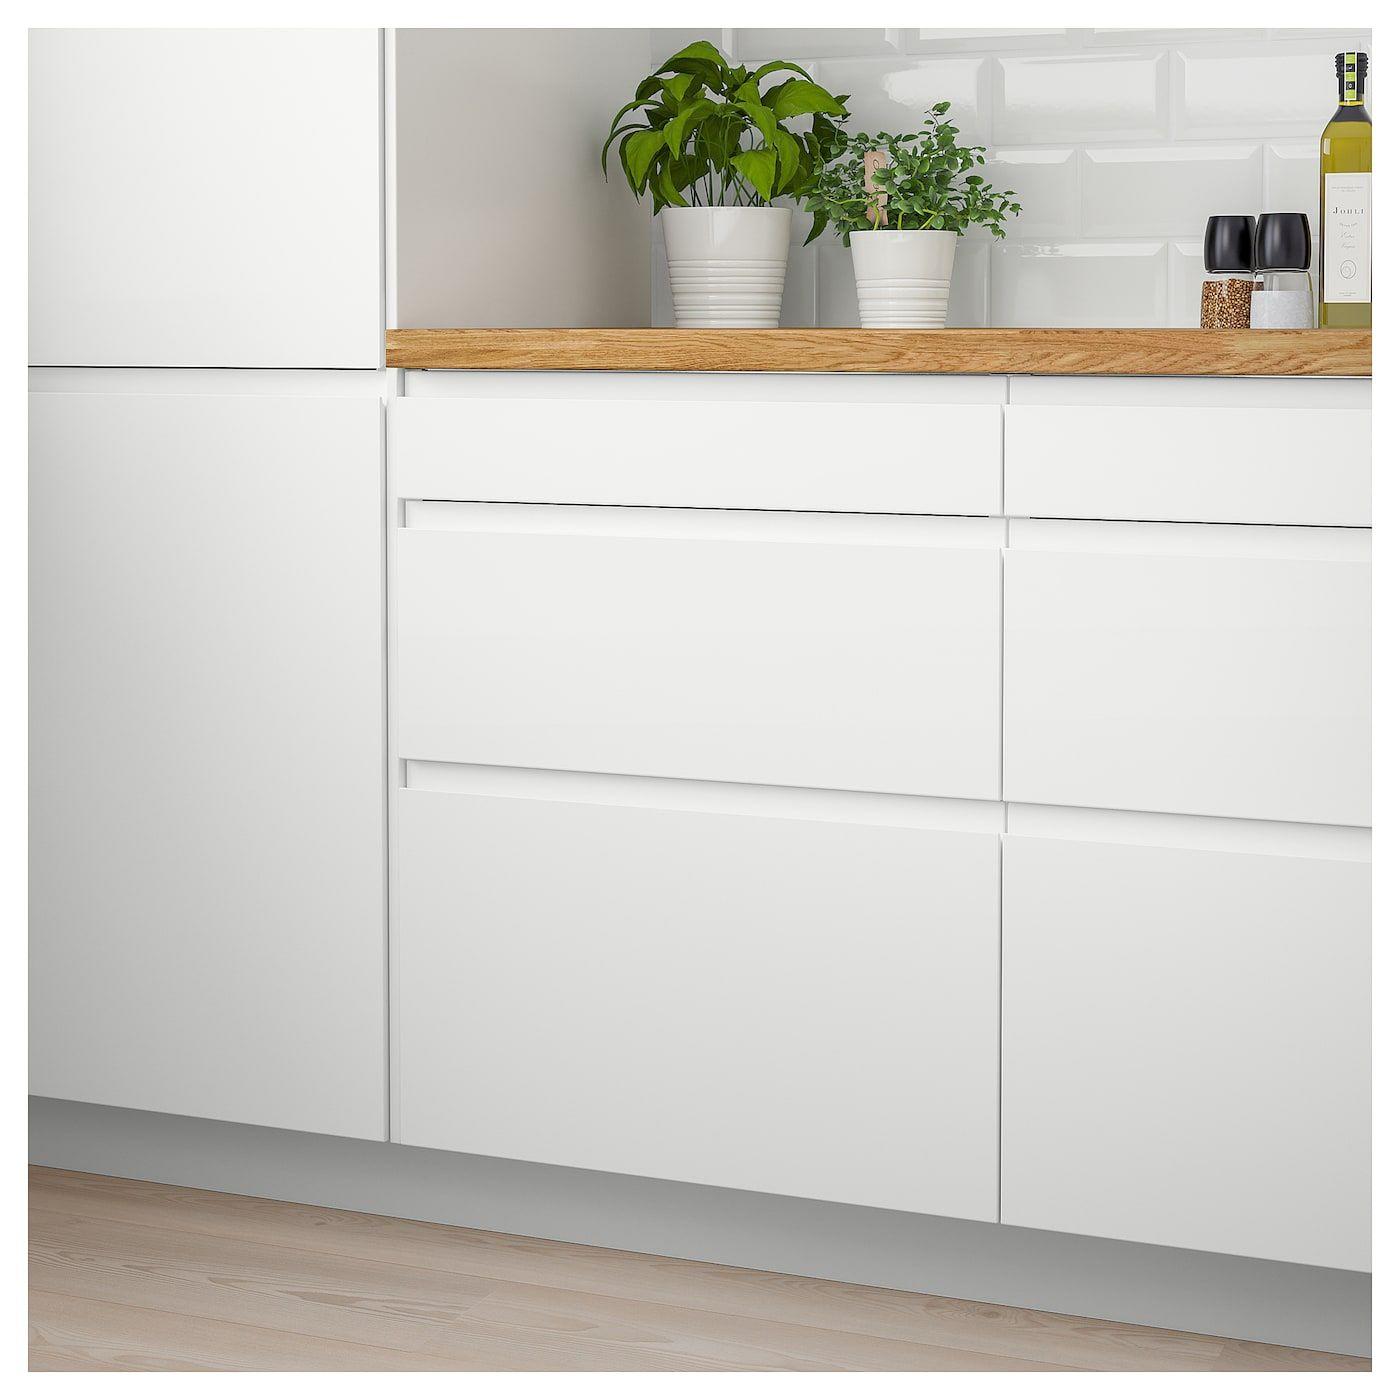 Best Ikea Voxtorp Drawer Front White Matt Interior Design 400 x 300